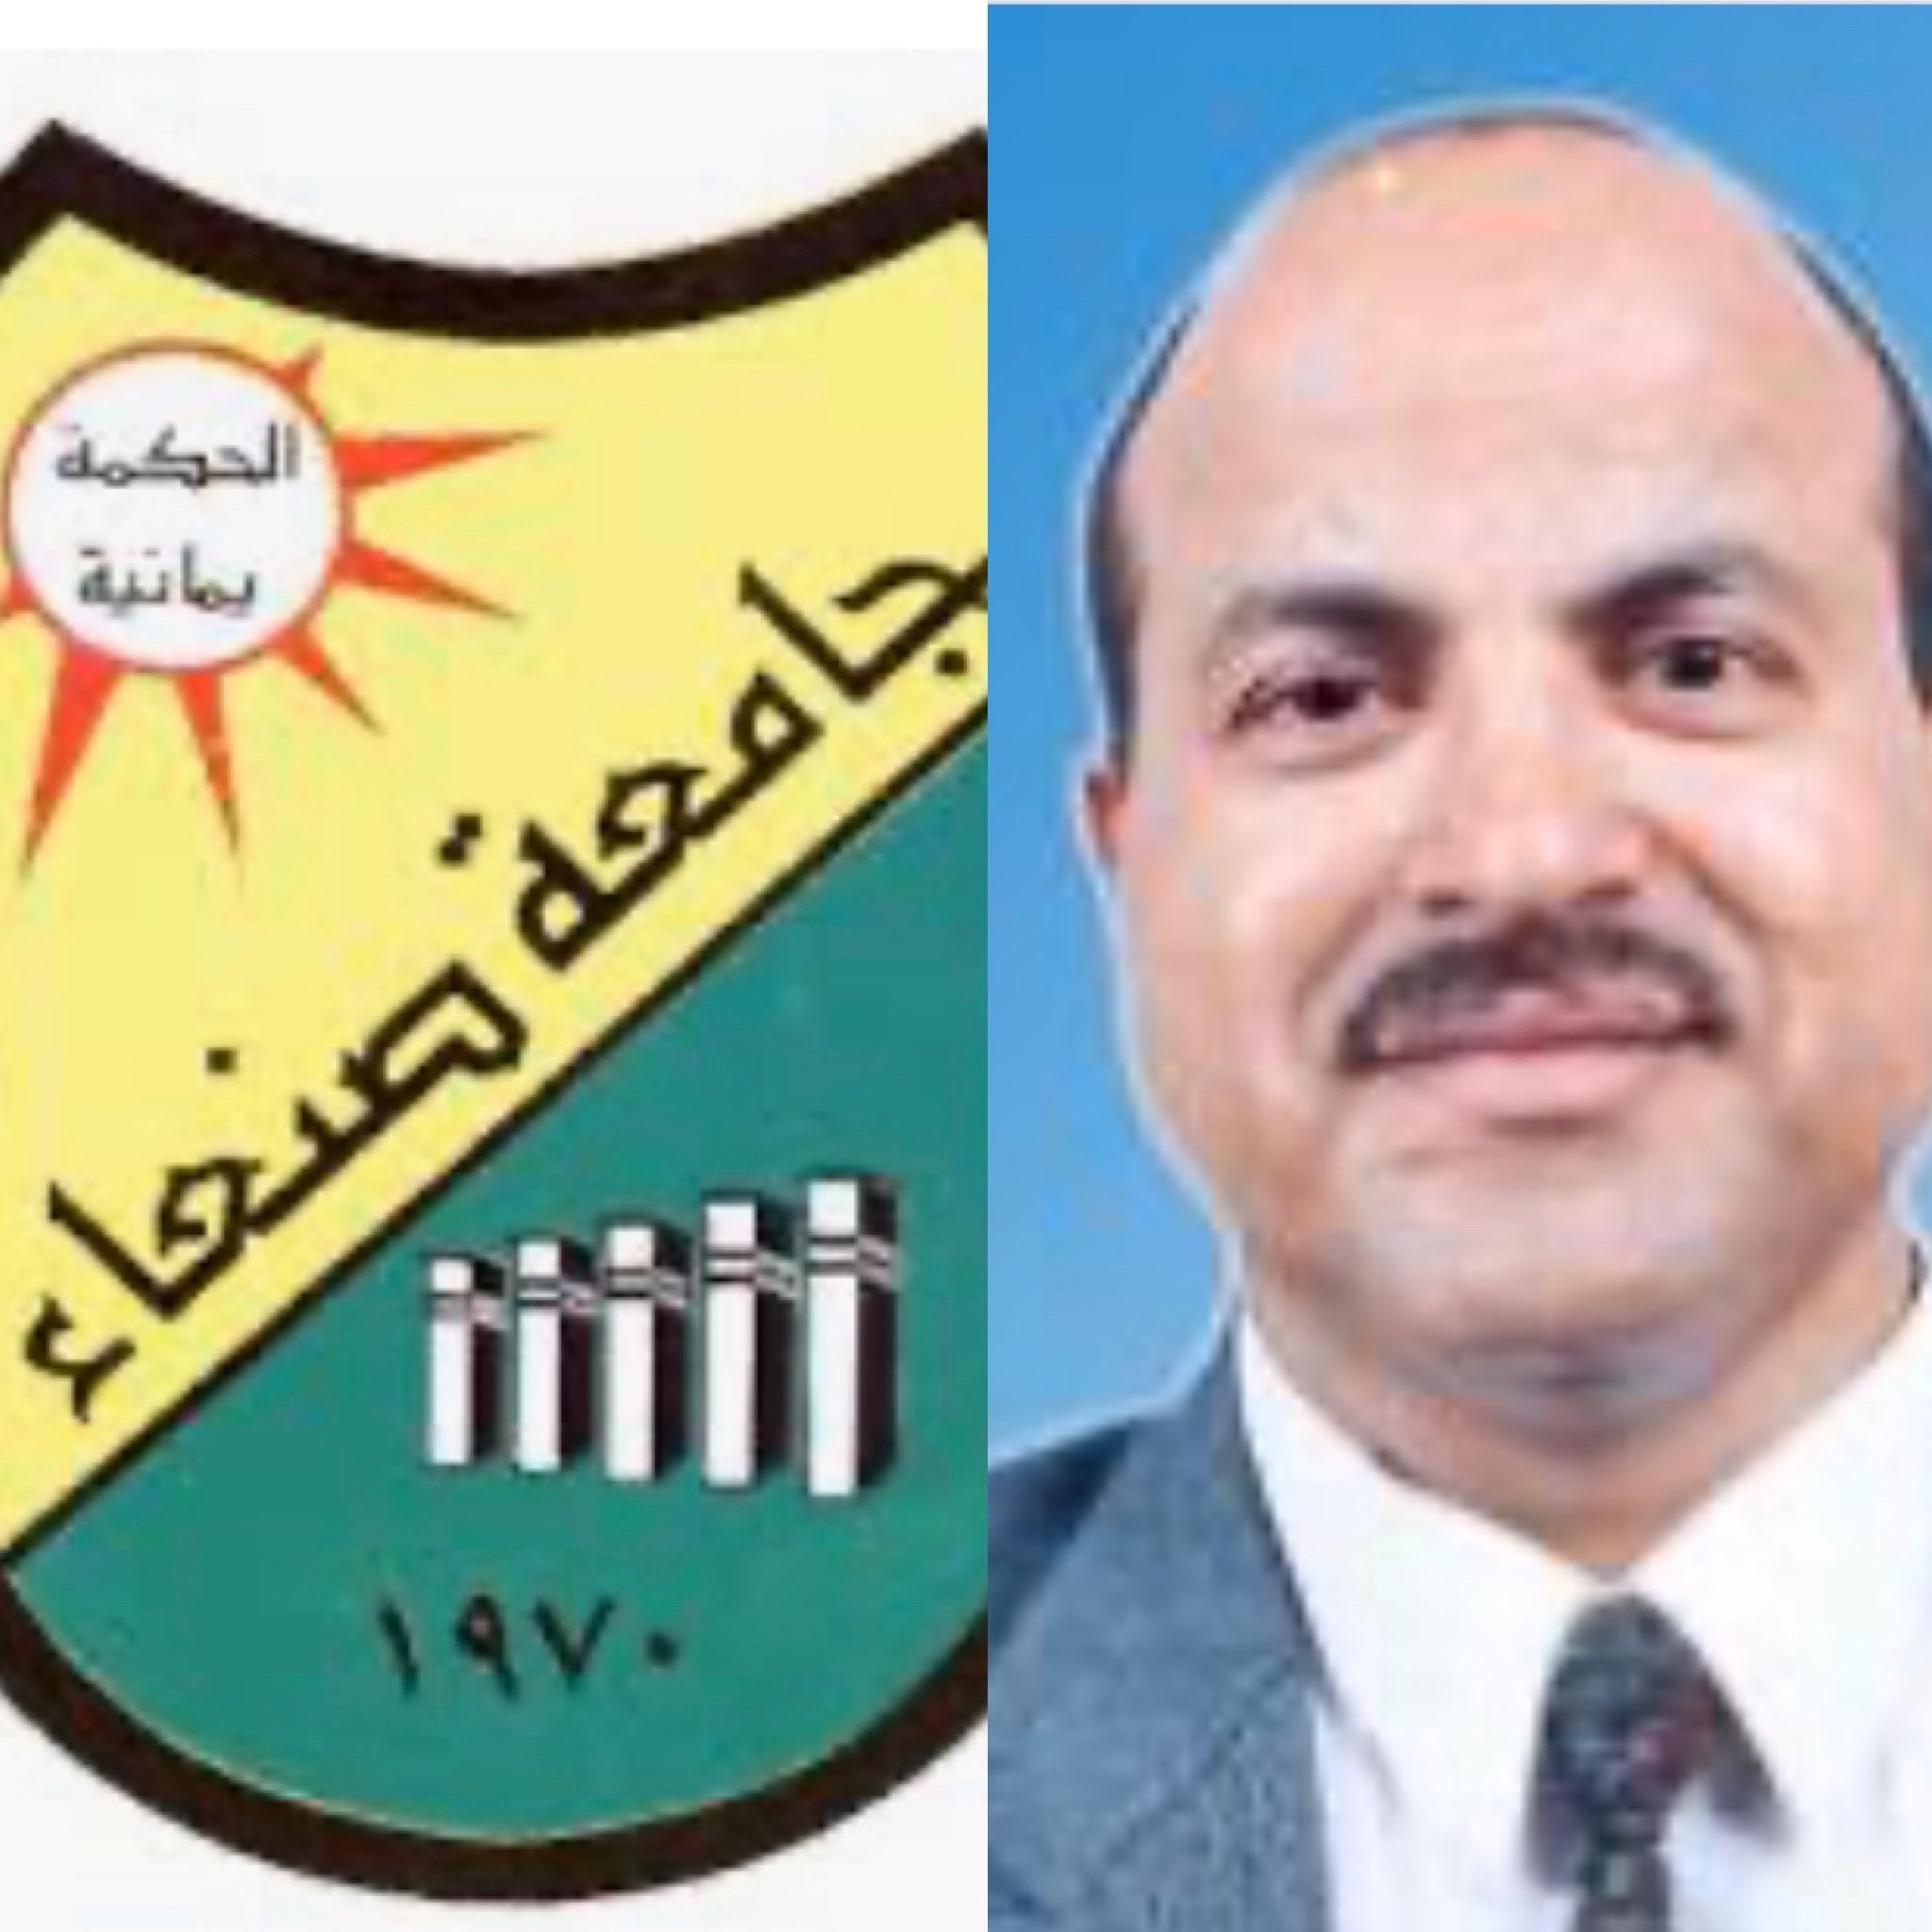 يوسف السماني : أخشي أن تنهار كرة القدم فى السودان